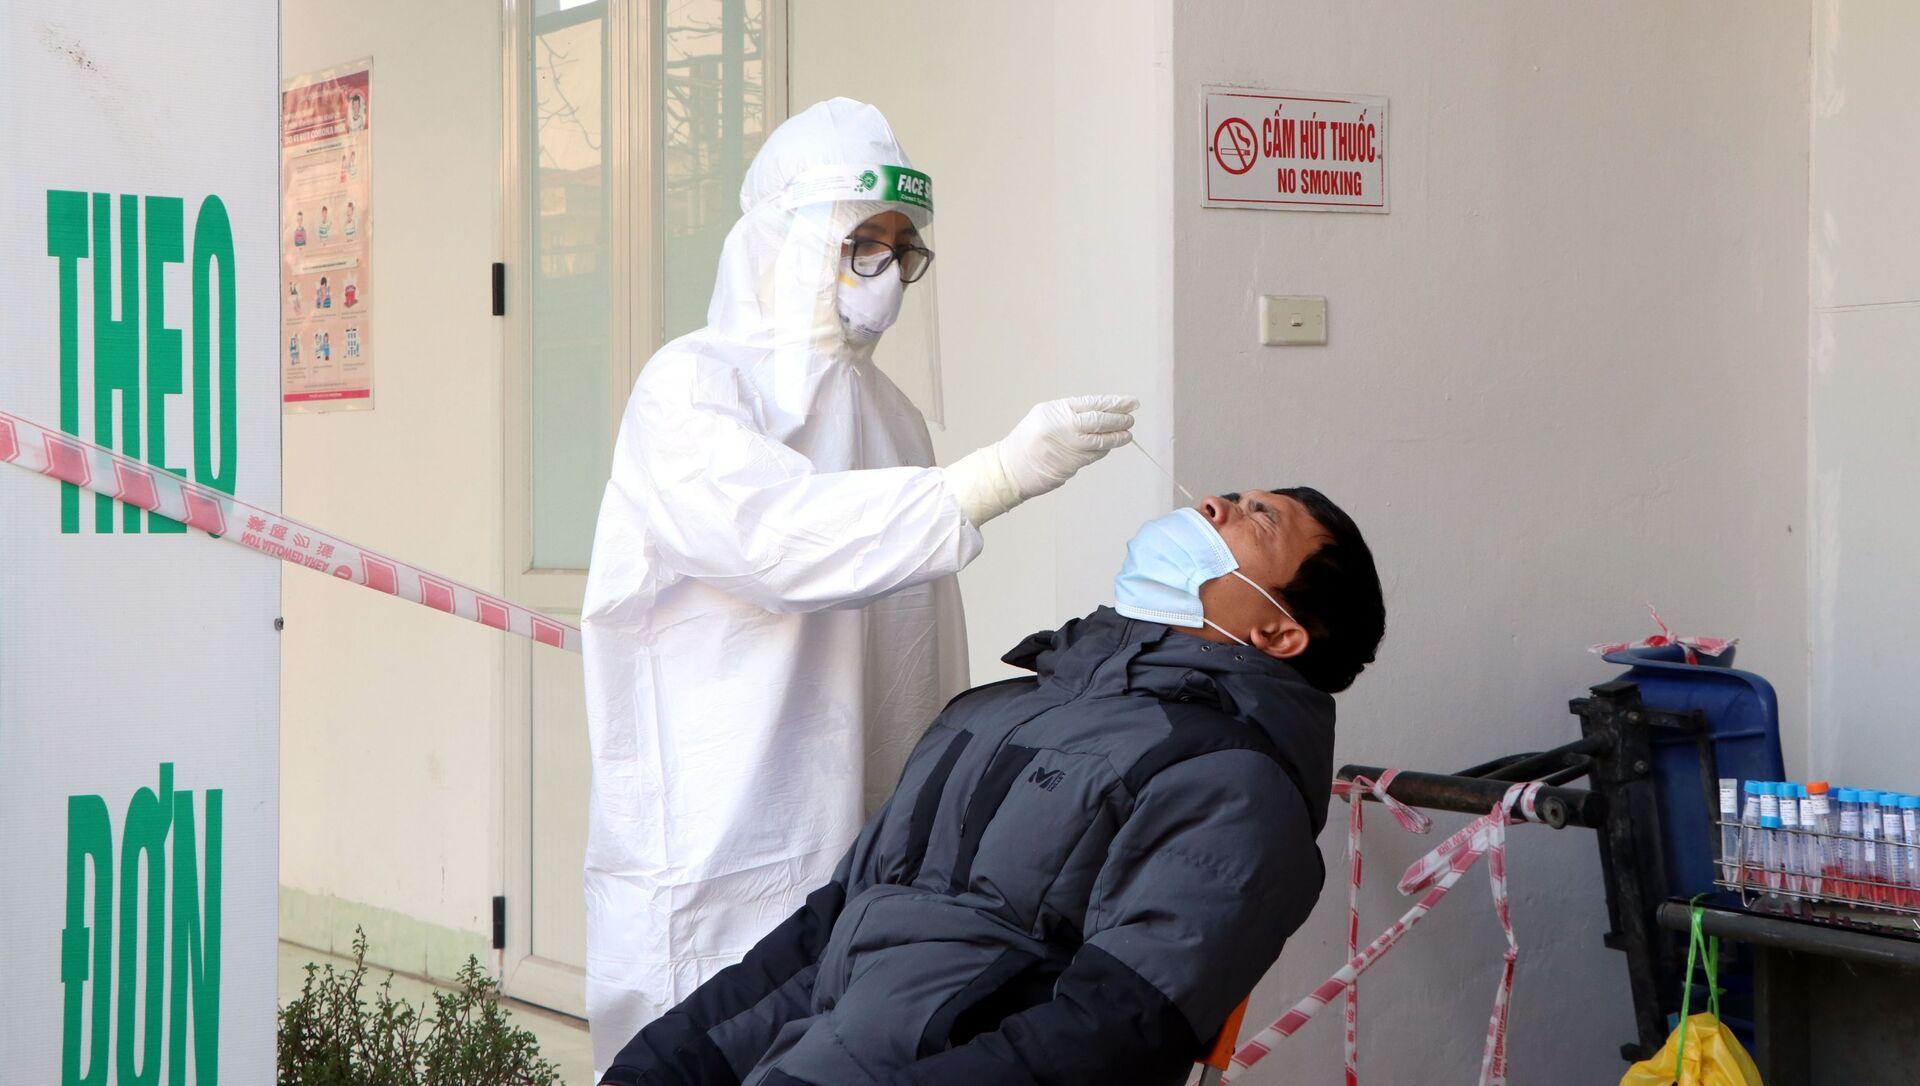 Lực lượng y tế lấy mẫu xét nghiệm SARS-CoV-2 cho các lái xe. - Sputnik Việt Nam, 1920, 07.03.2021